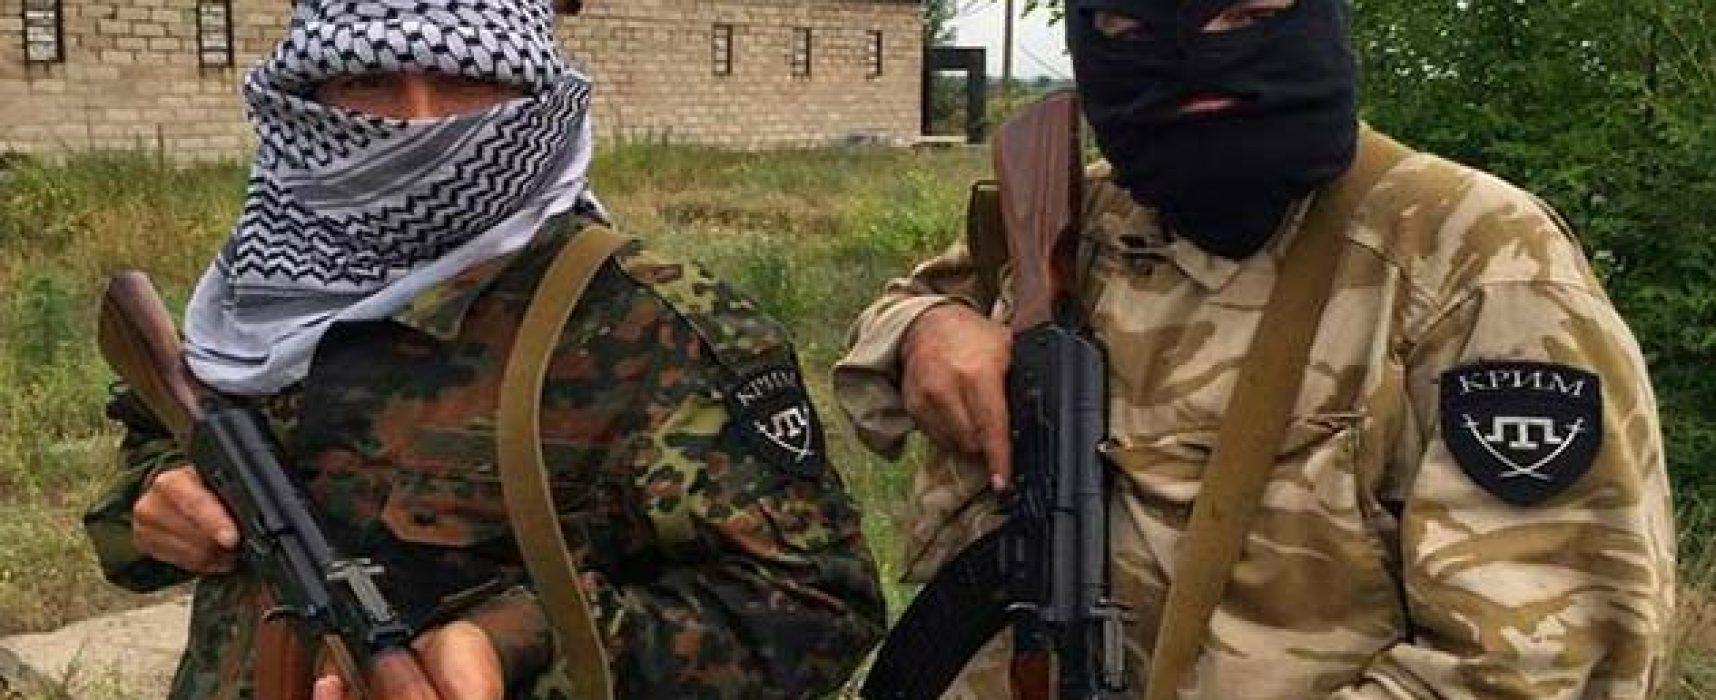 Фейк РИА «Новости»: в Украине создается «батальон для освобождения Крыма»